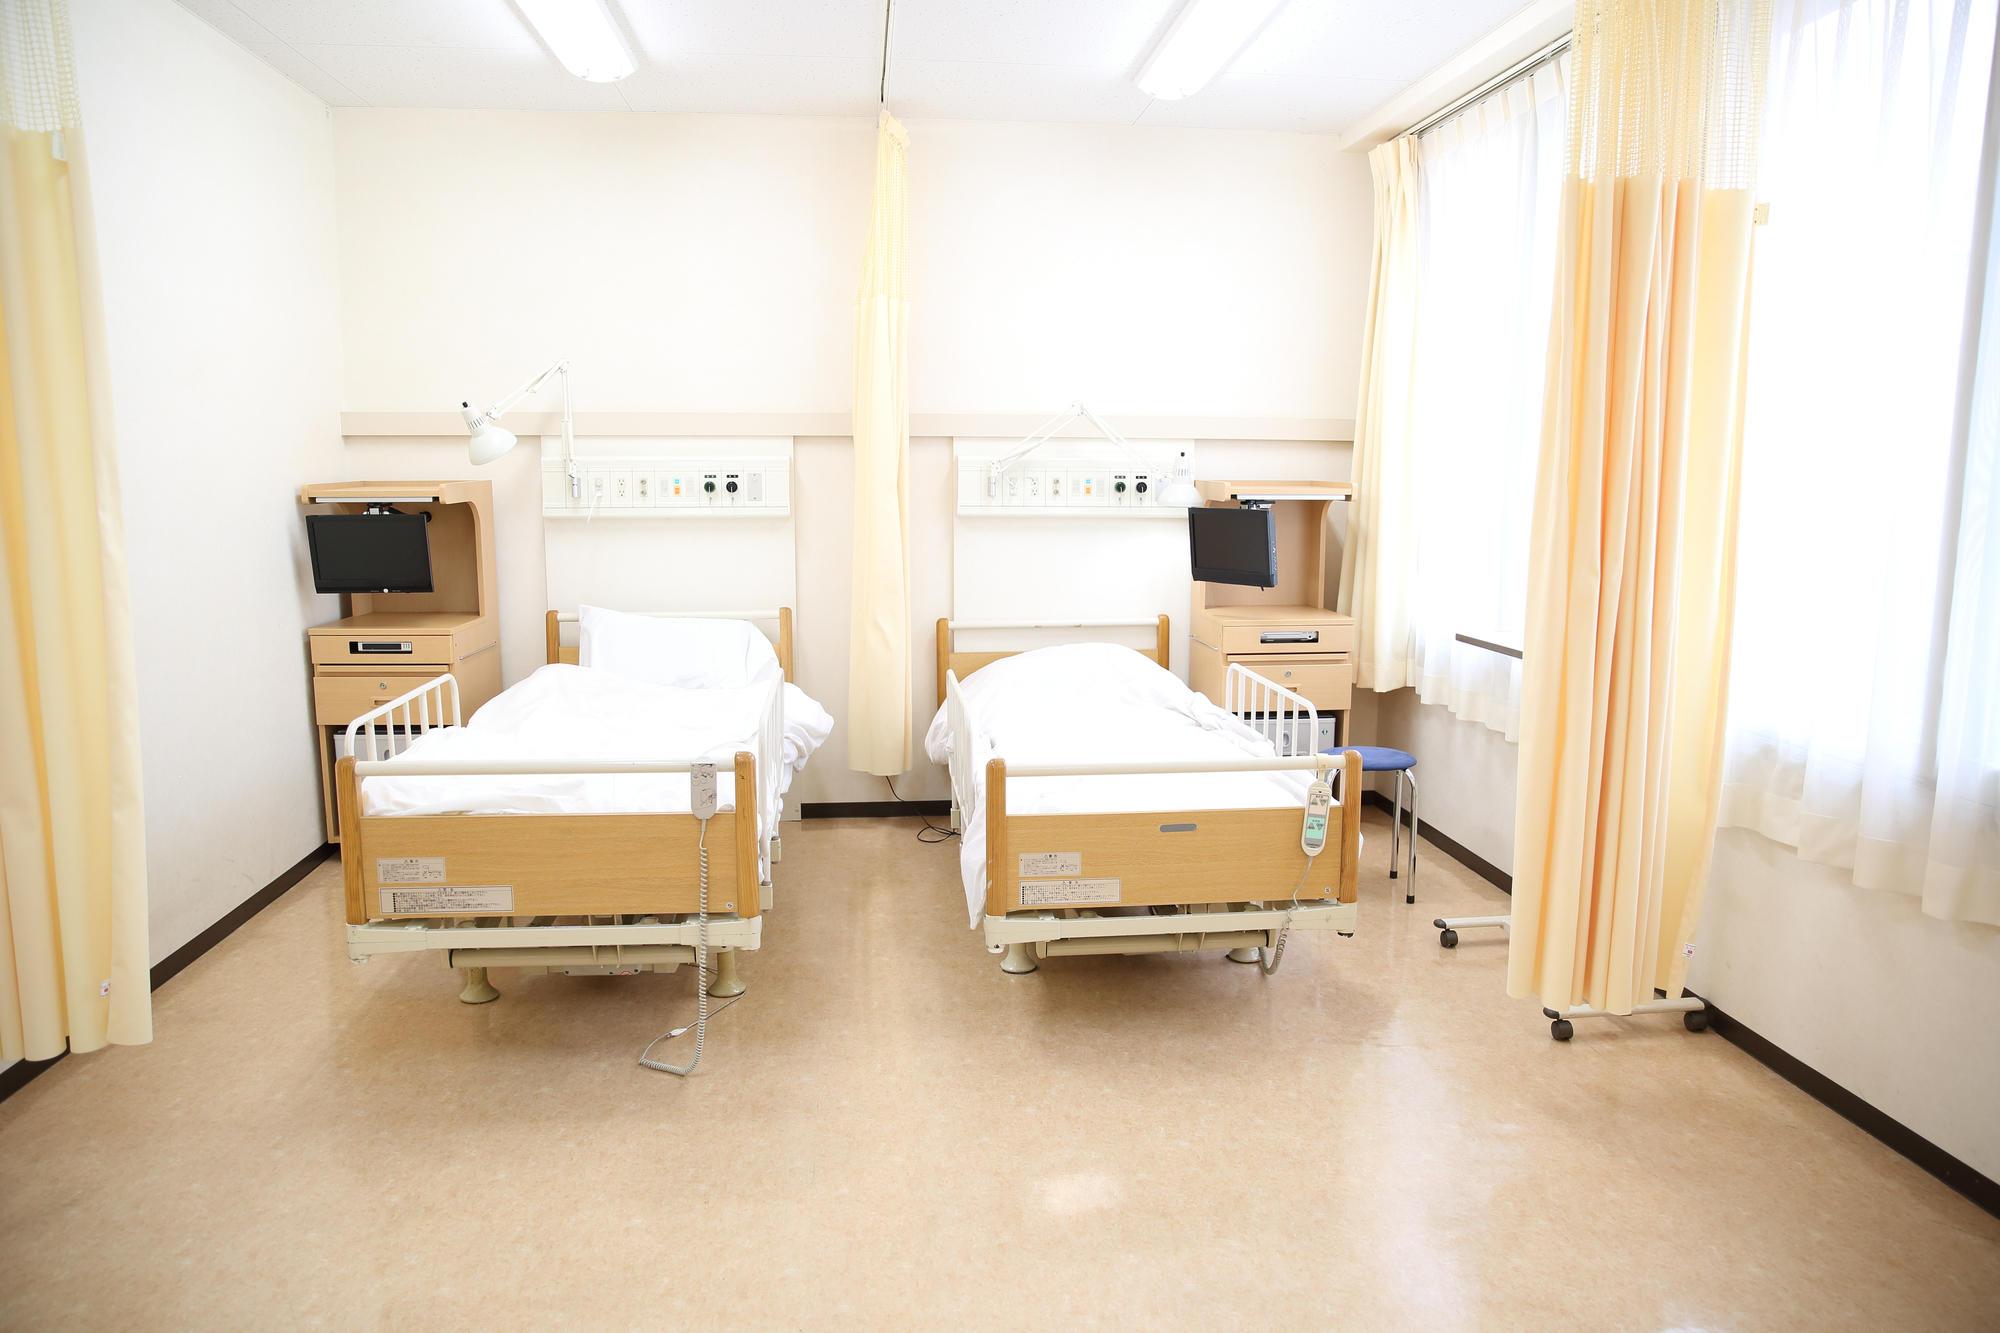 介護サービスが受けられない!? 高齢者を直撃する「介護難民」問題を回避せよ|介護のコラム